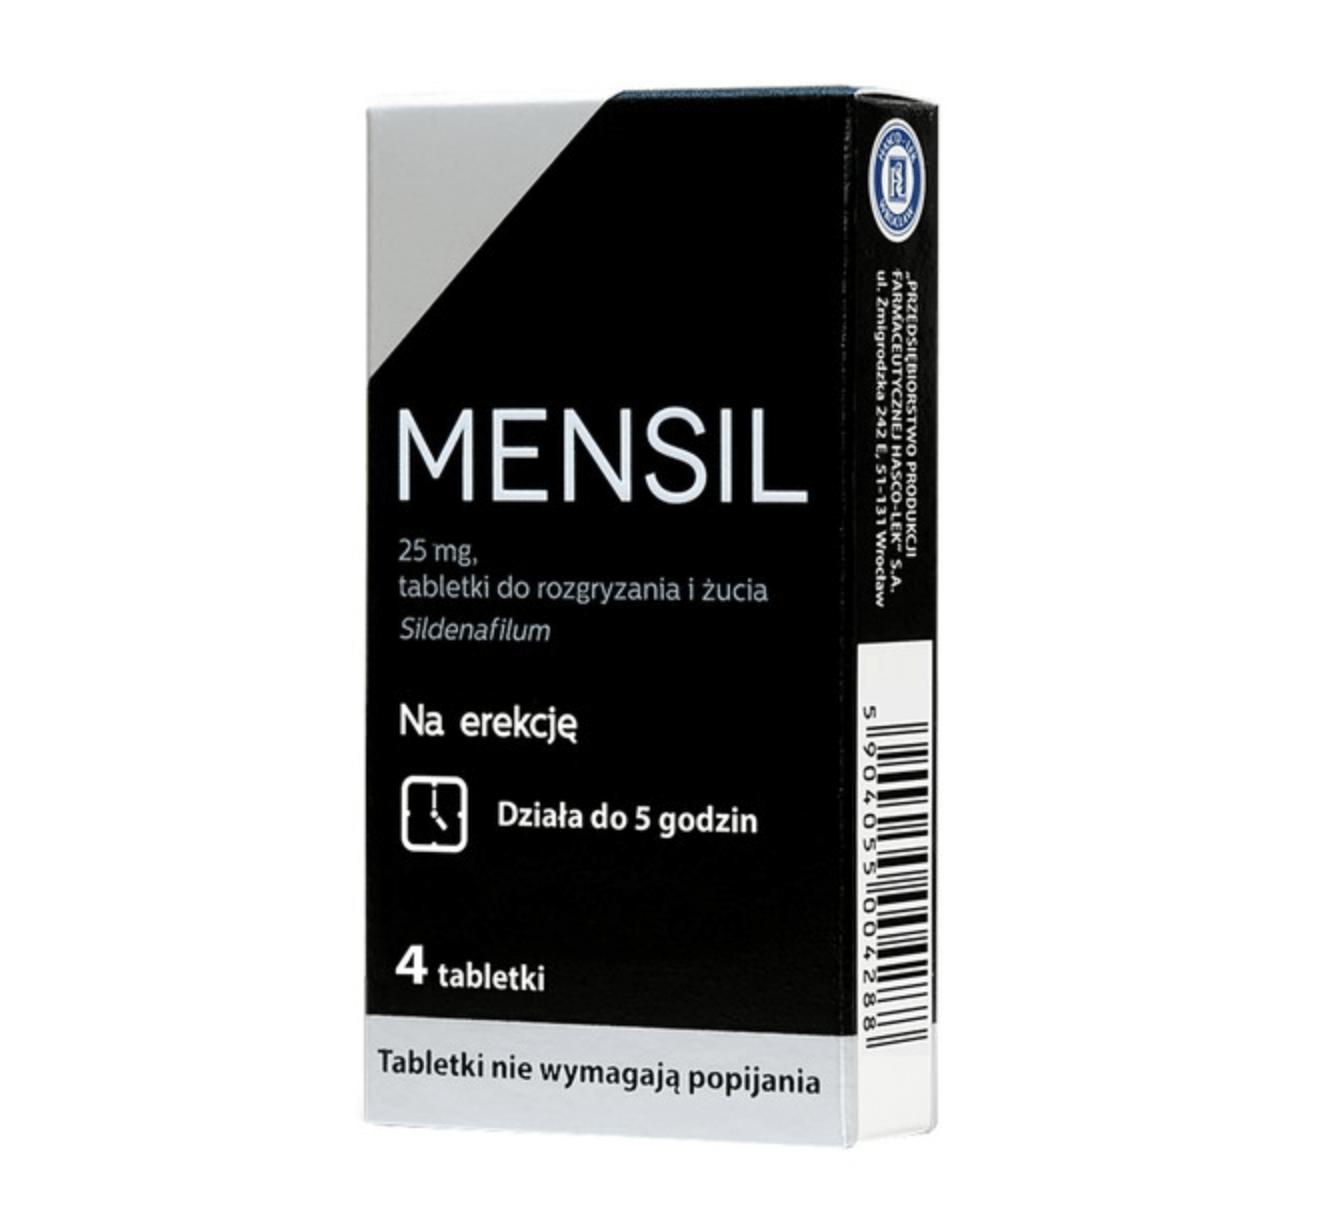 Mensil jako pierwsze wspacie przy zaburzeniach erekcji